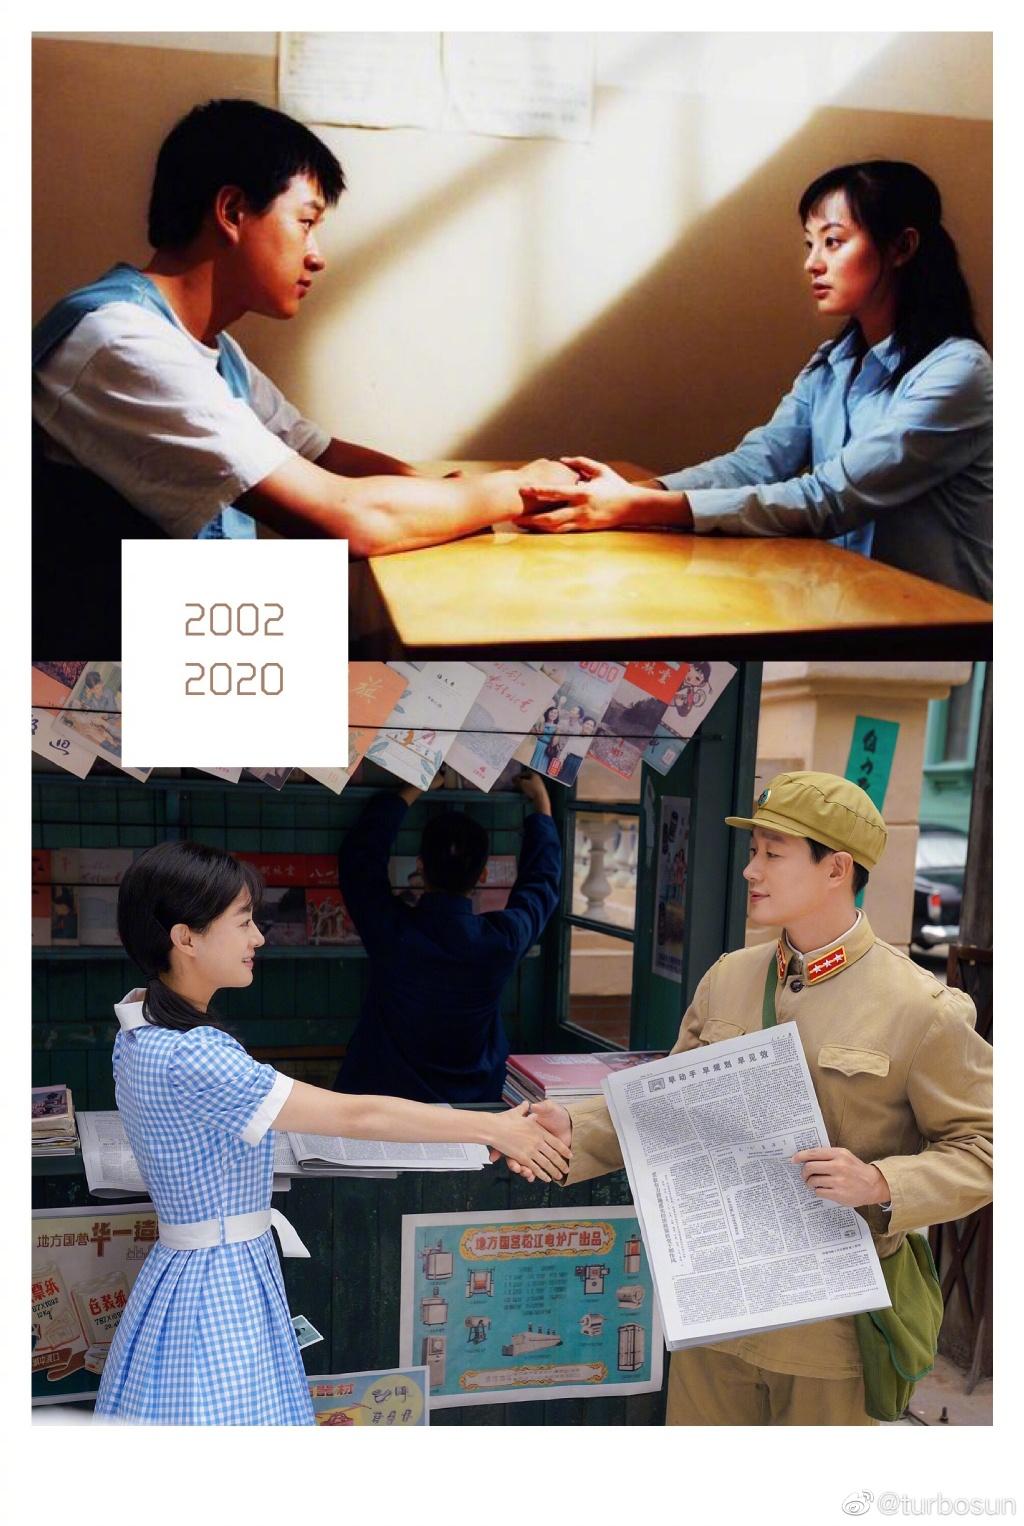 观音摩鑫剧照18年后再次合作佟,摩鑫图片